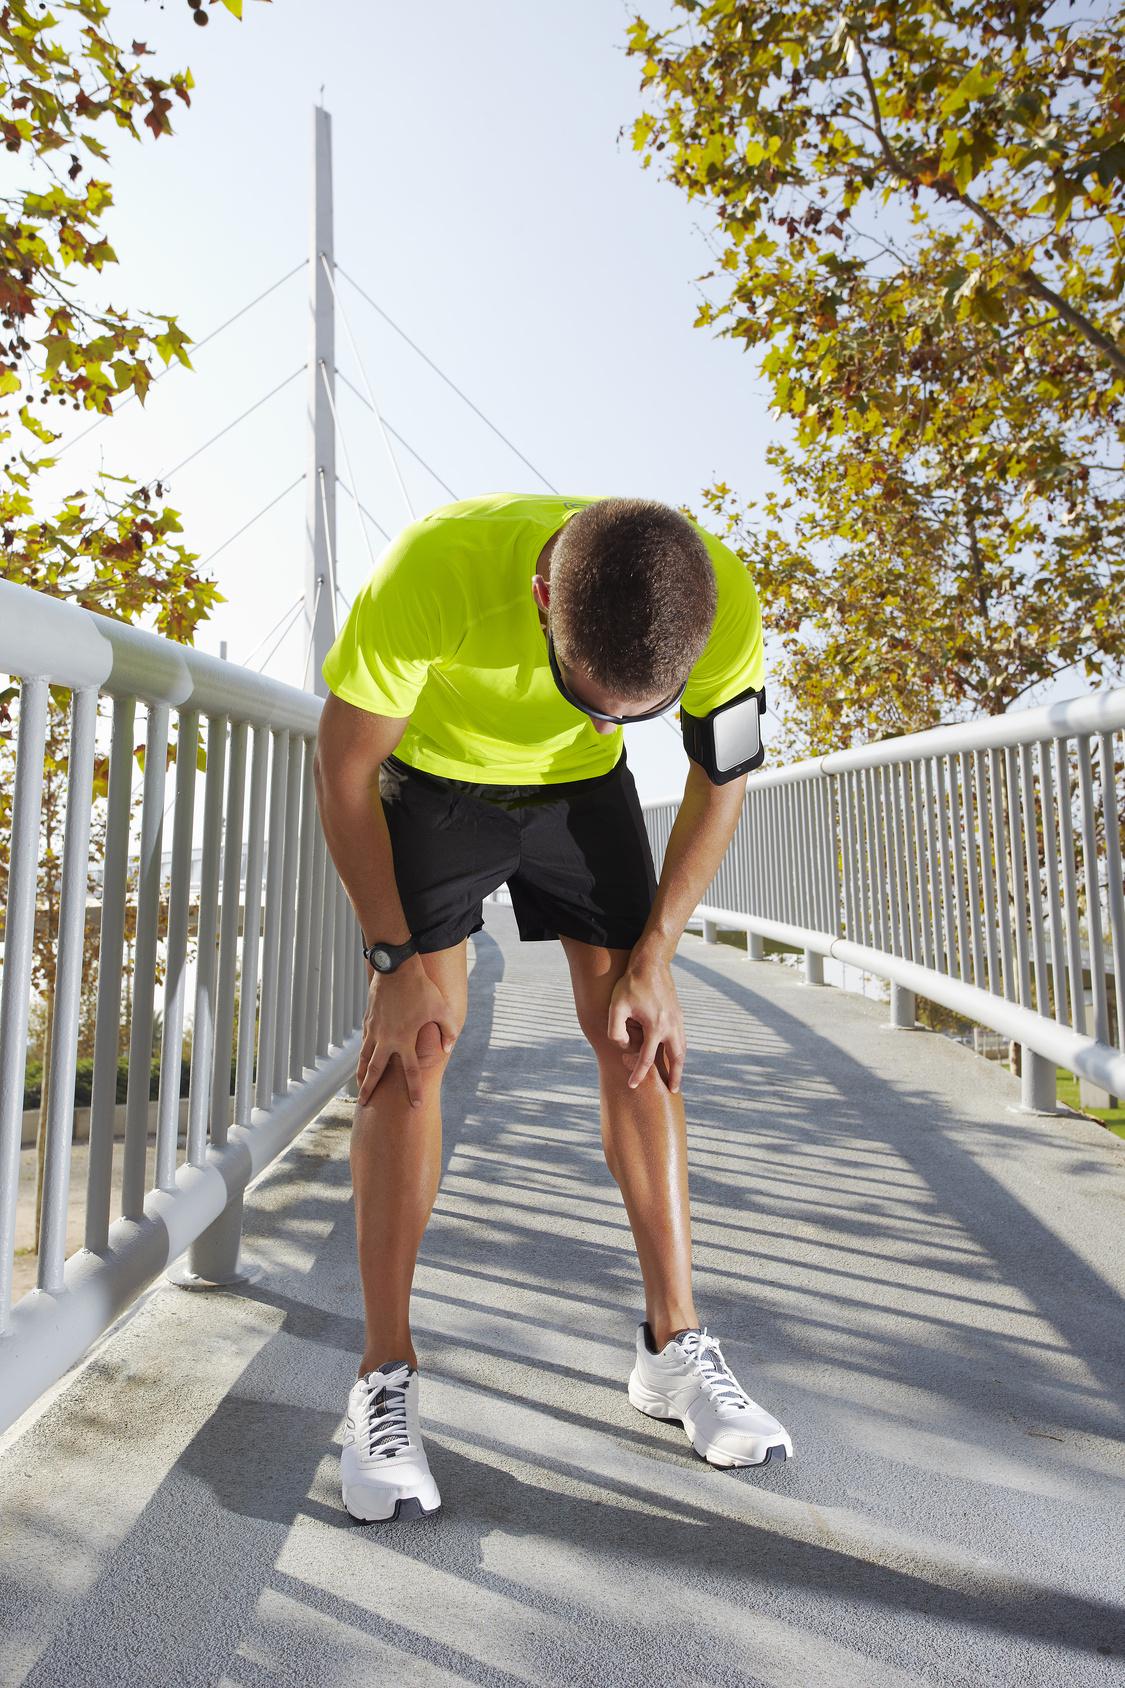 Πως πρέπει να αναπνέω όταν τρέχω;